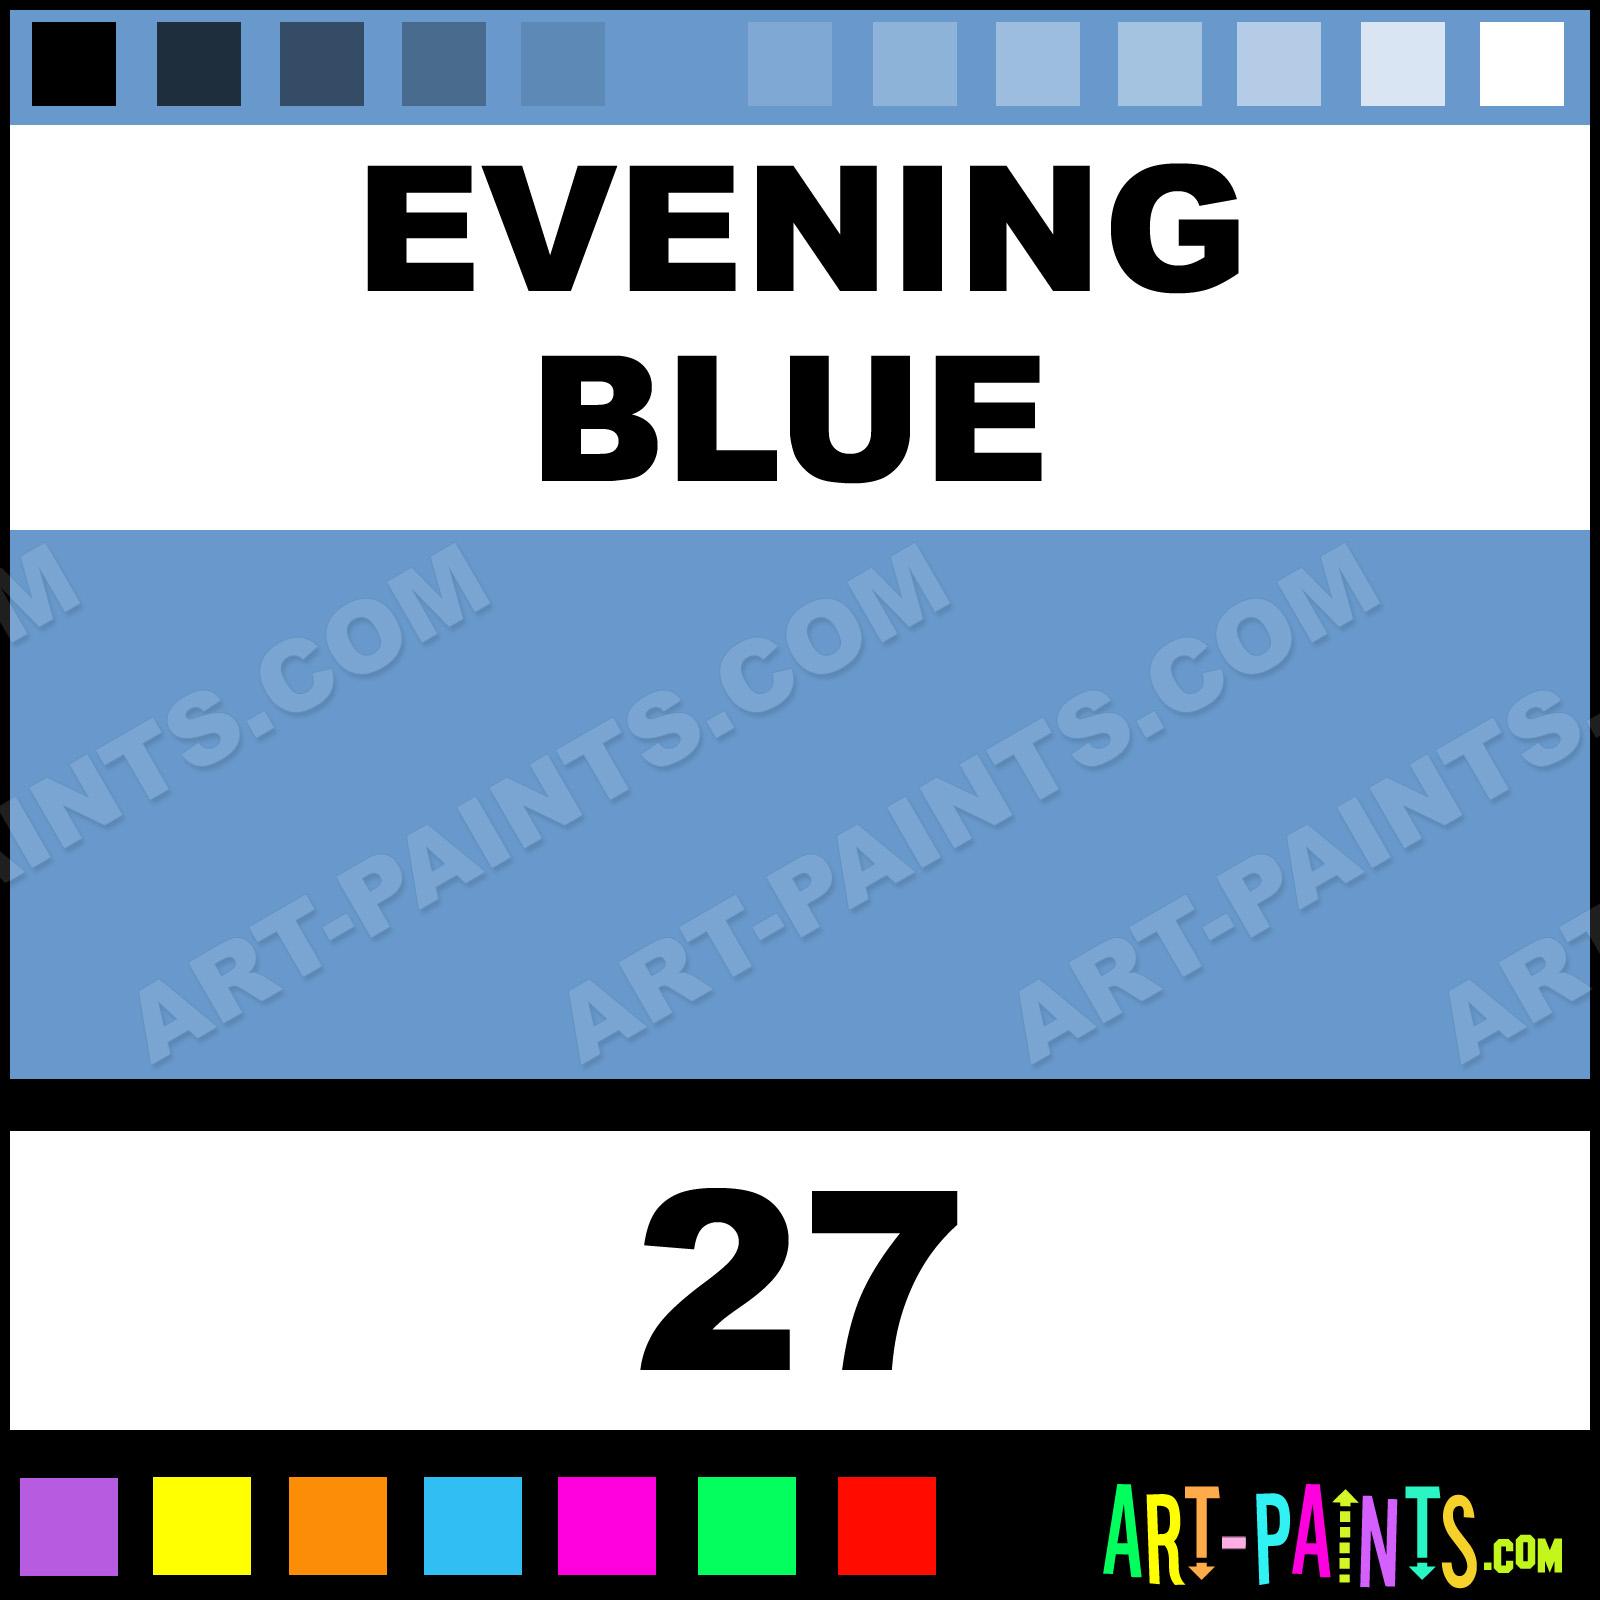 Evening blue liquid fabric textile paints 27 evening blue evening blue nvjuhfo Image collections